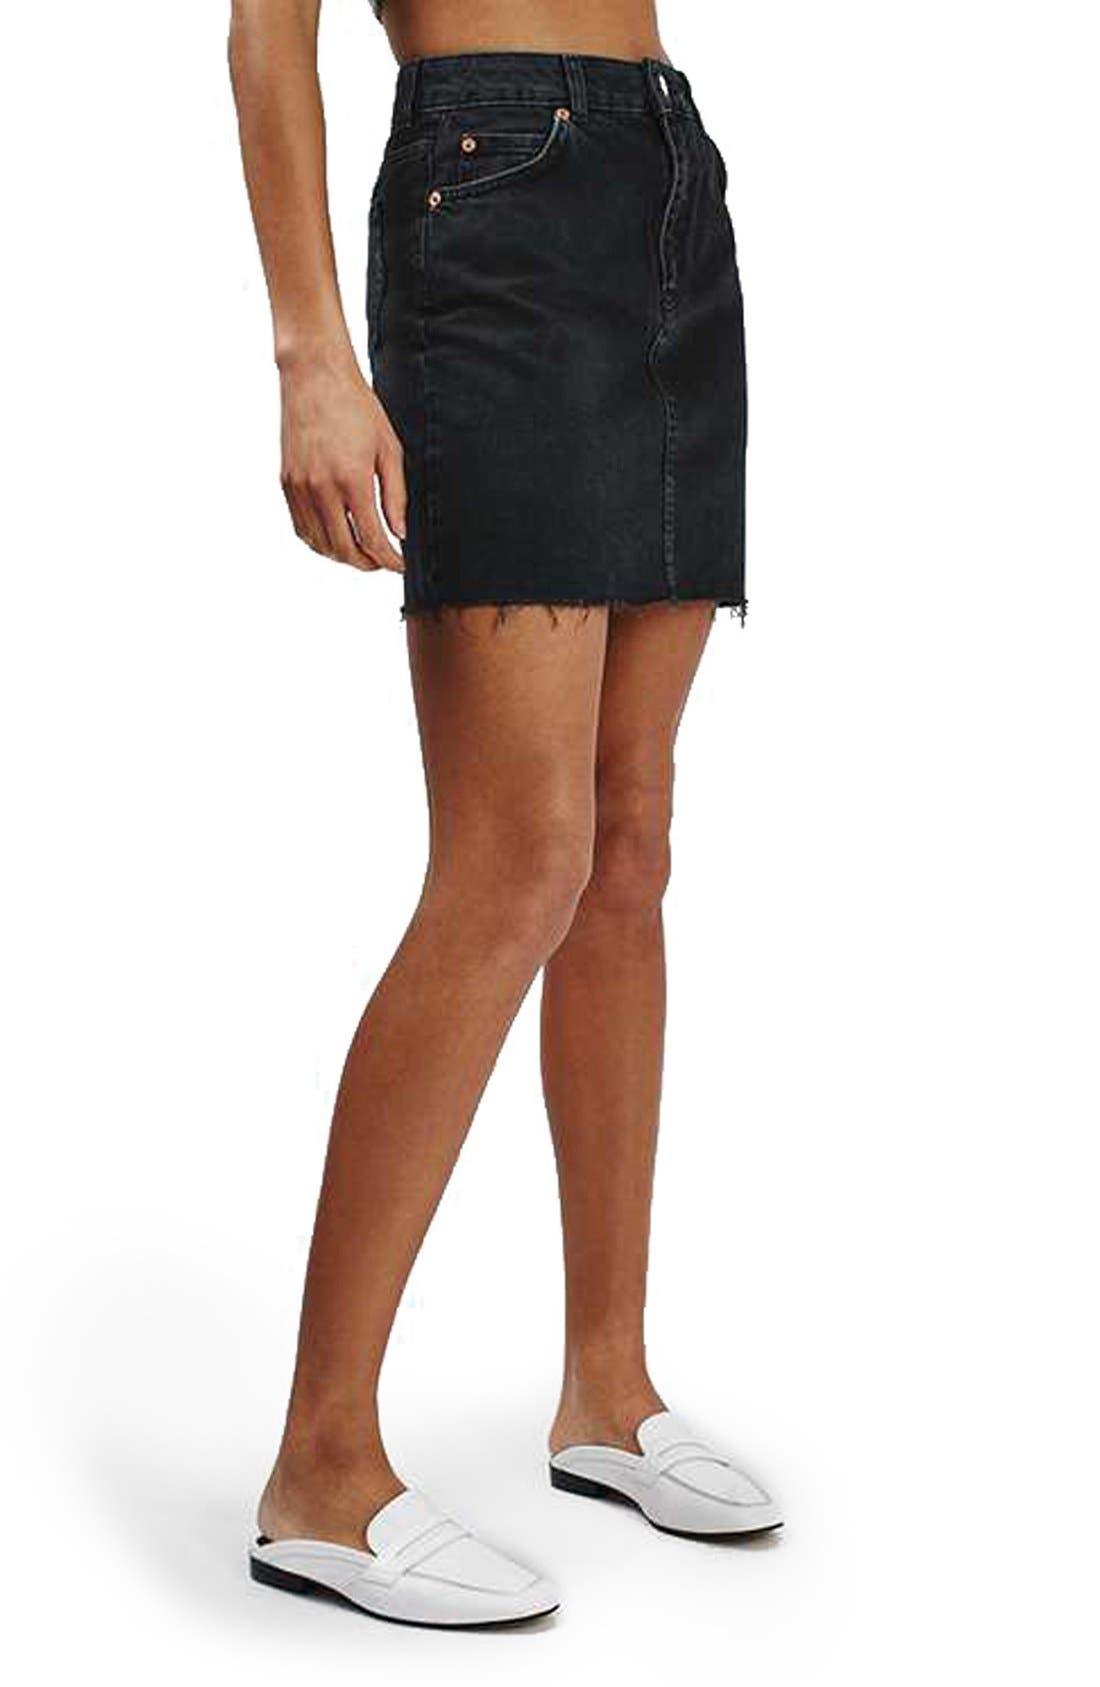 Main Image - Topshop Moto High Rise Raw Hem Denim Skirt